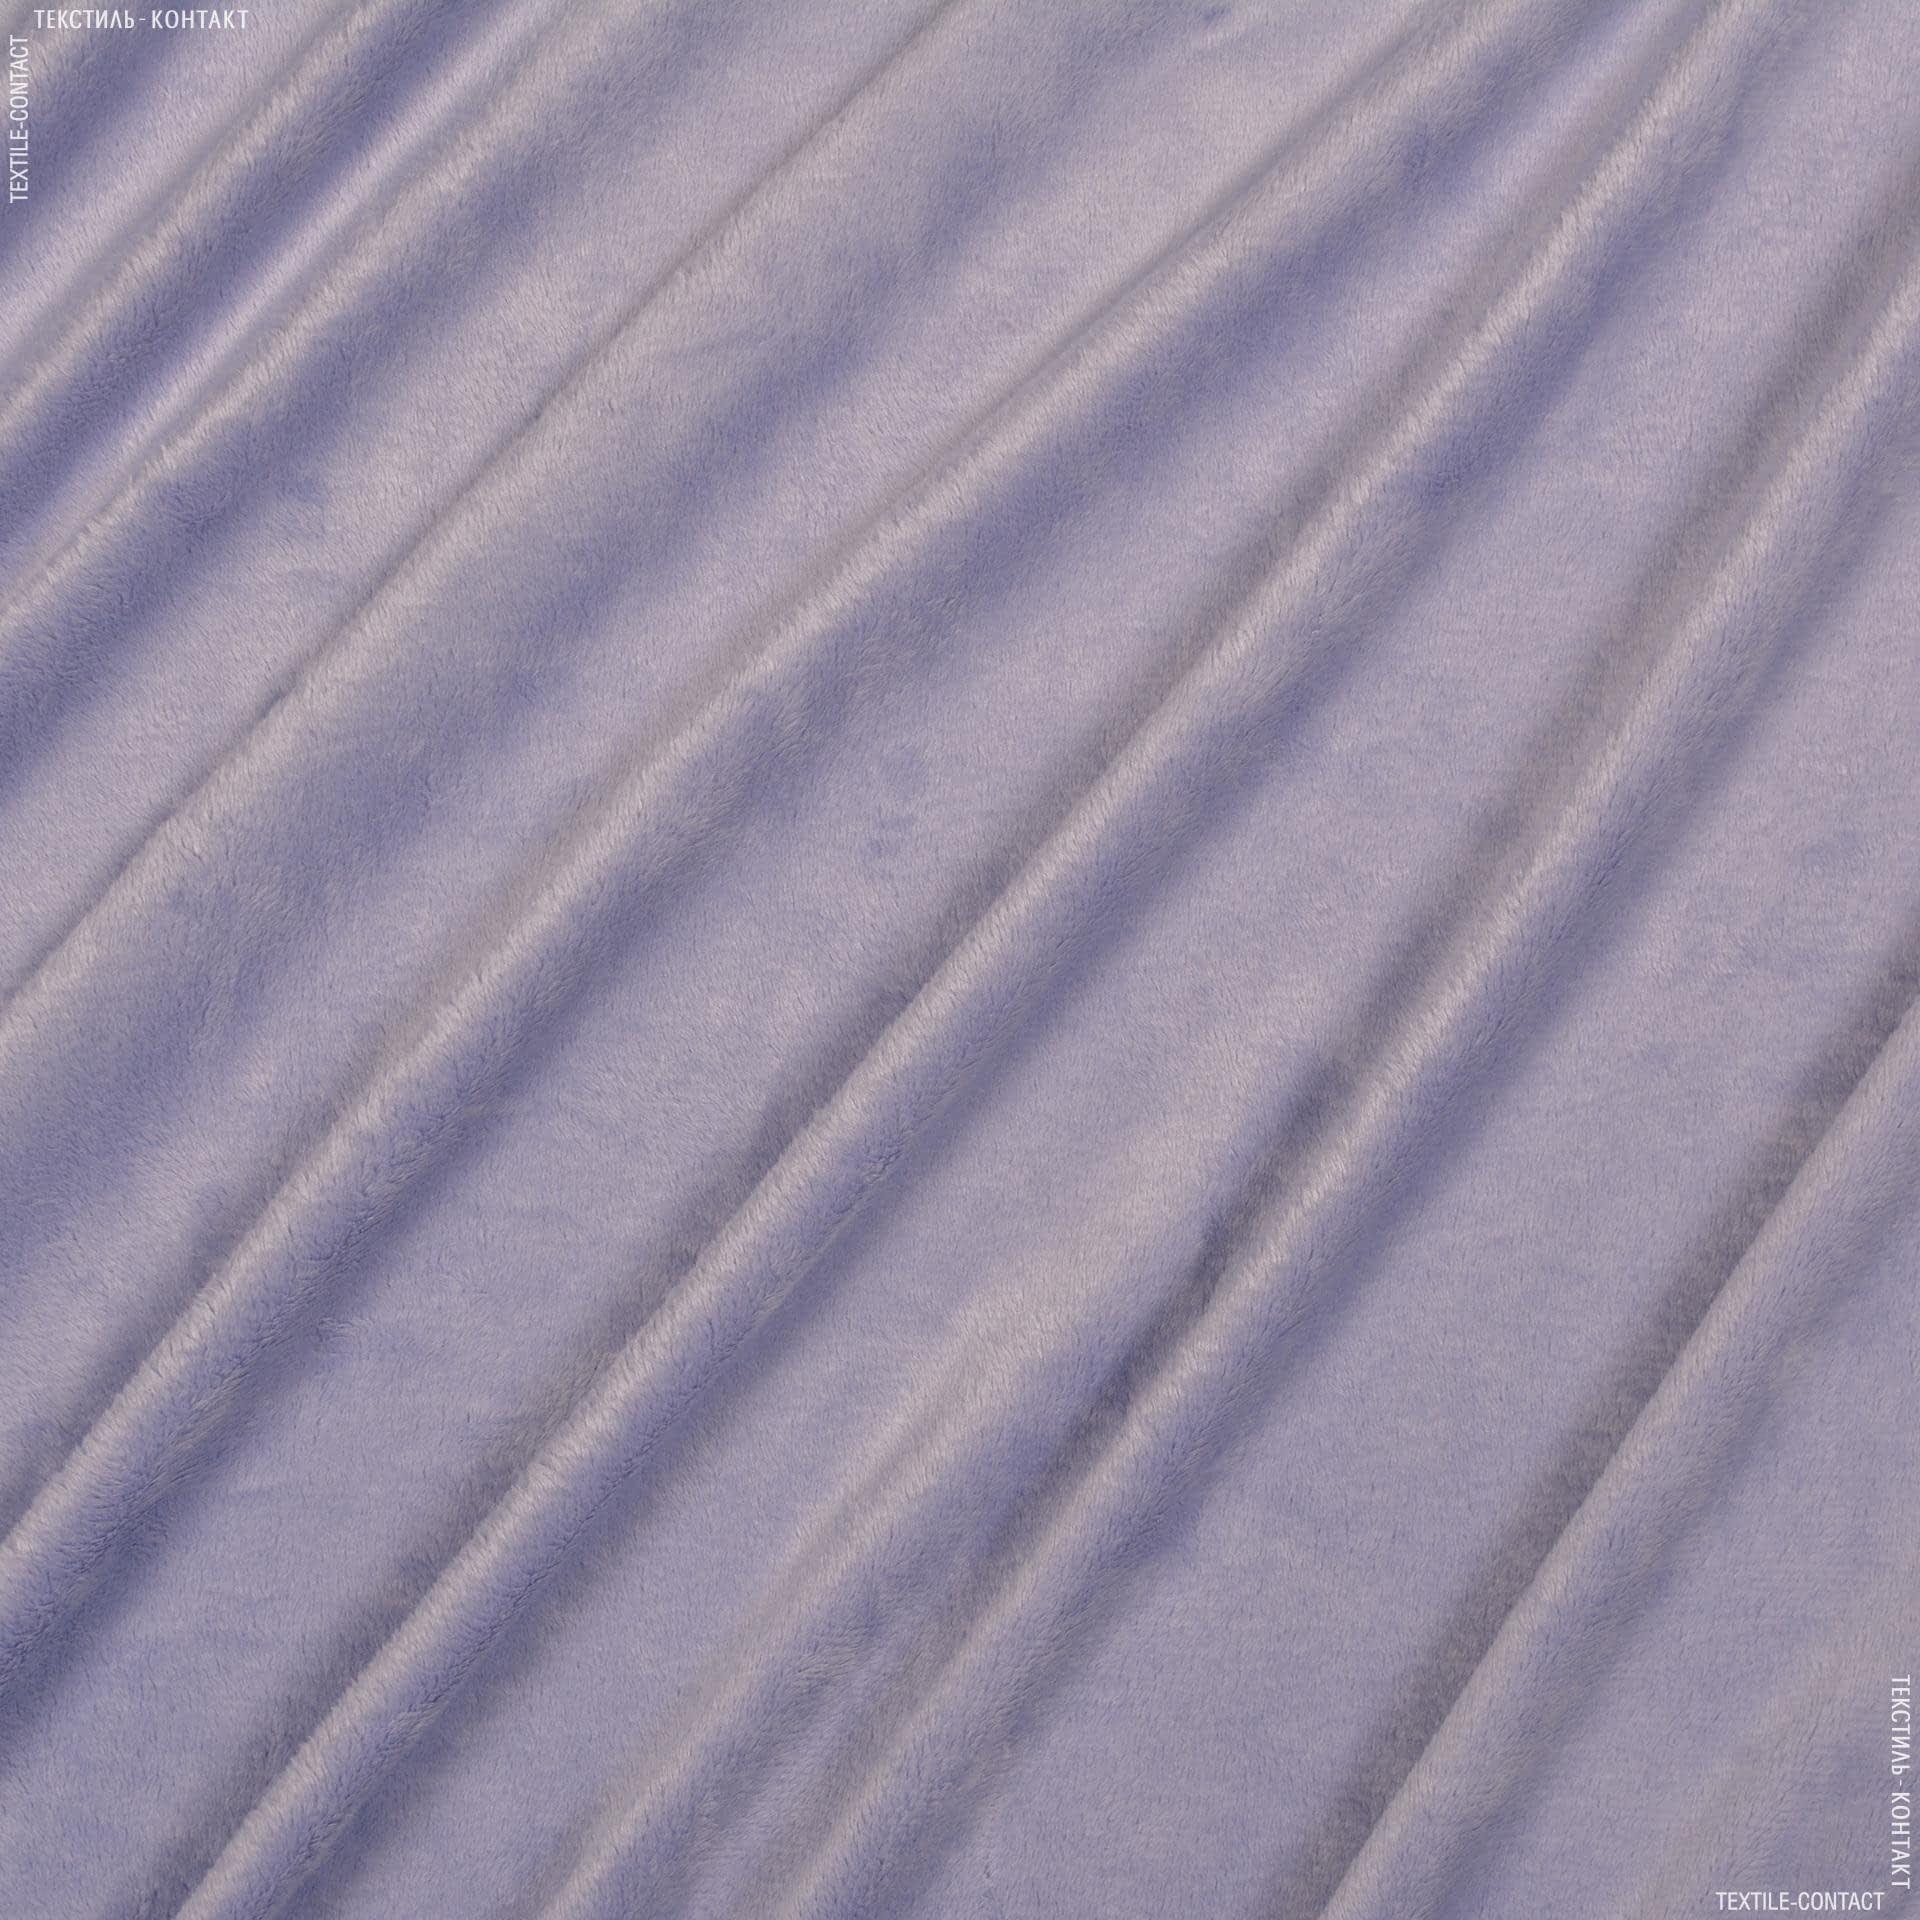 Ткани для мягких игрушек - Плюш (вельбо) светло-сиреневый